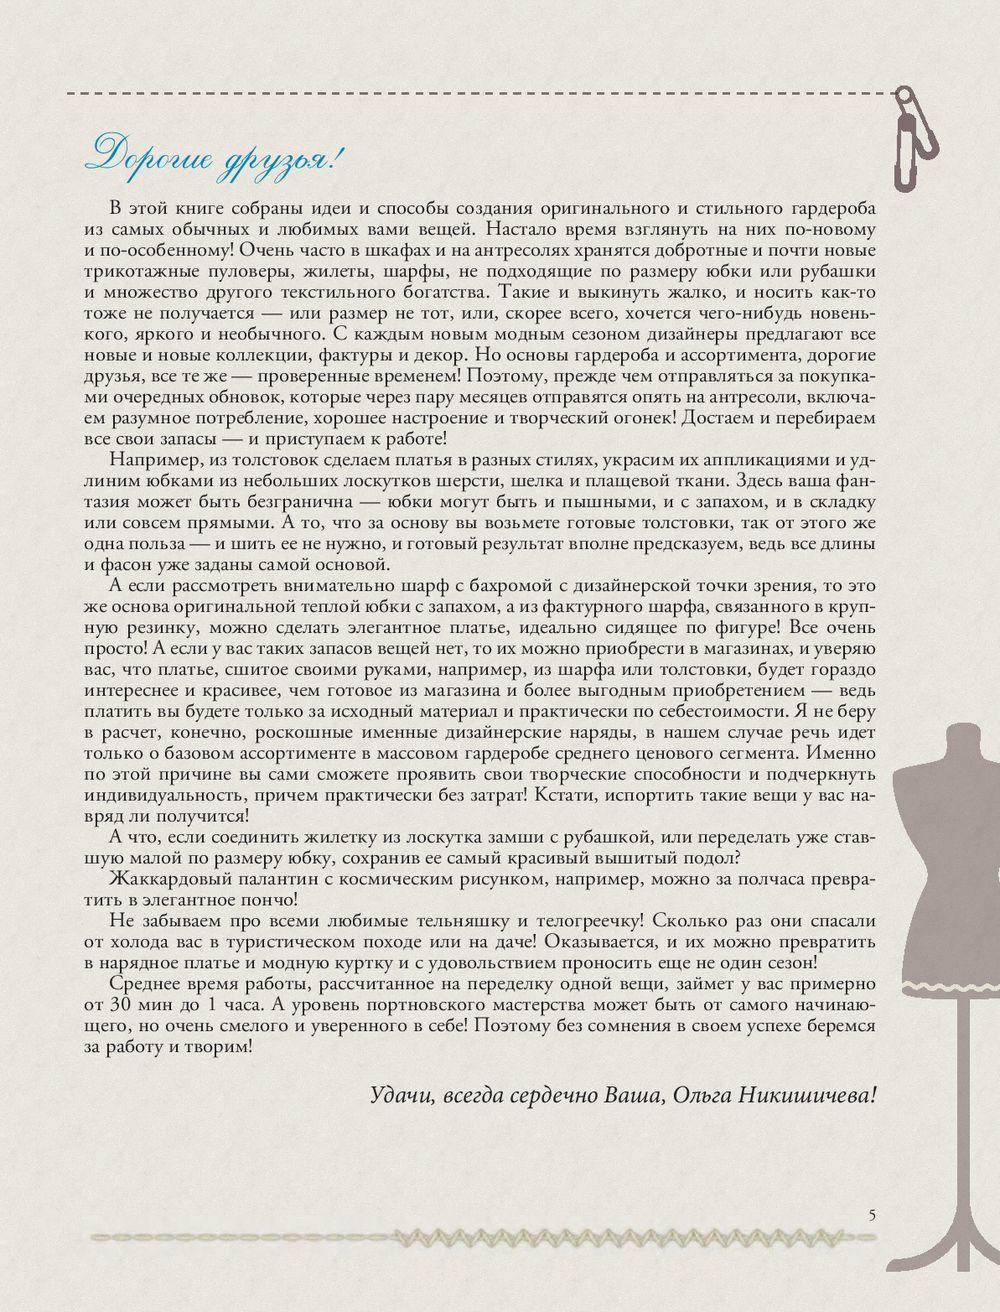 9b3113ec1825b Модные вещи без примерок и подгонок за один вечер» Ольга Никишичева ...